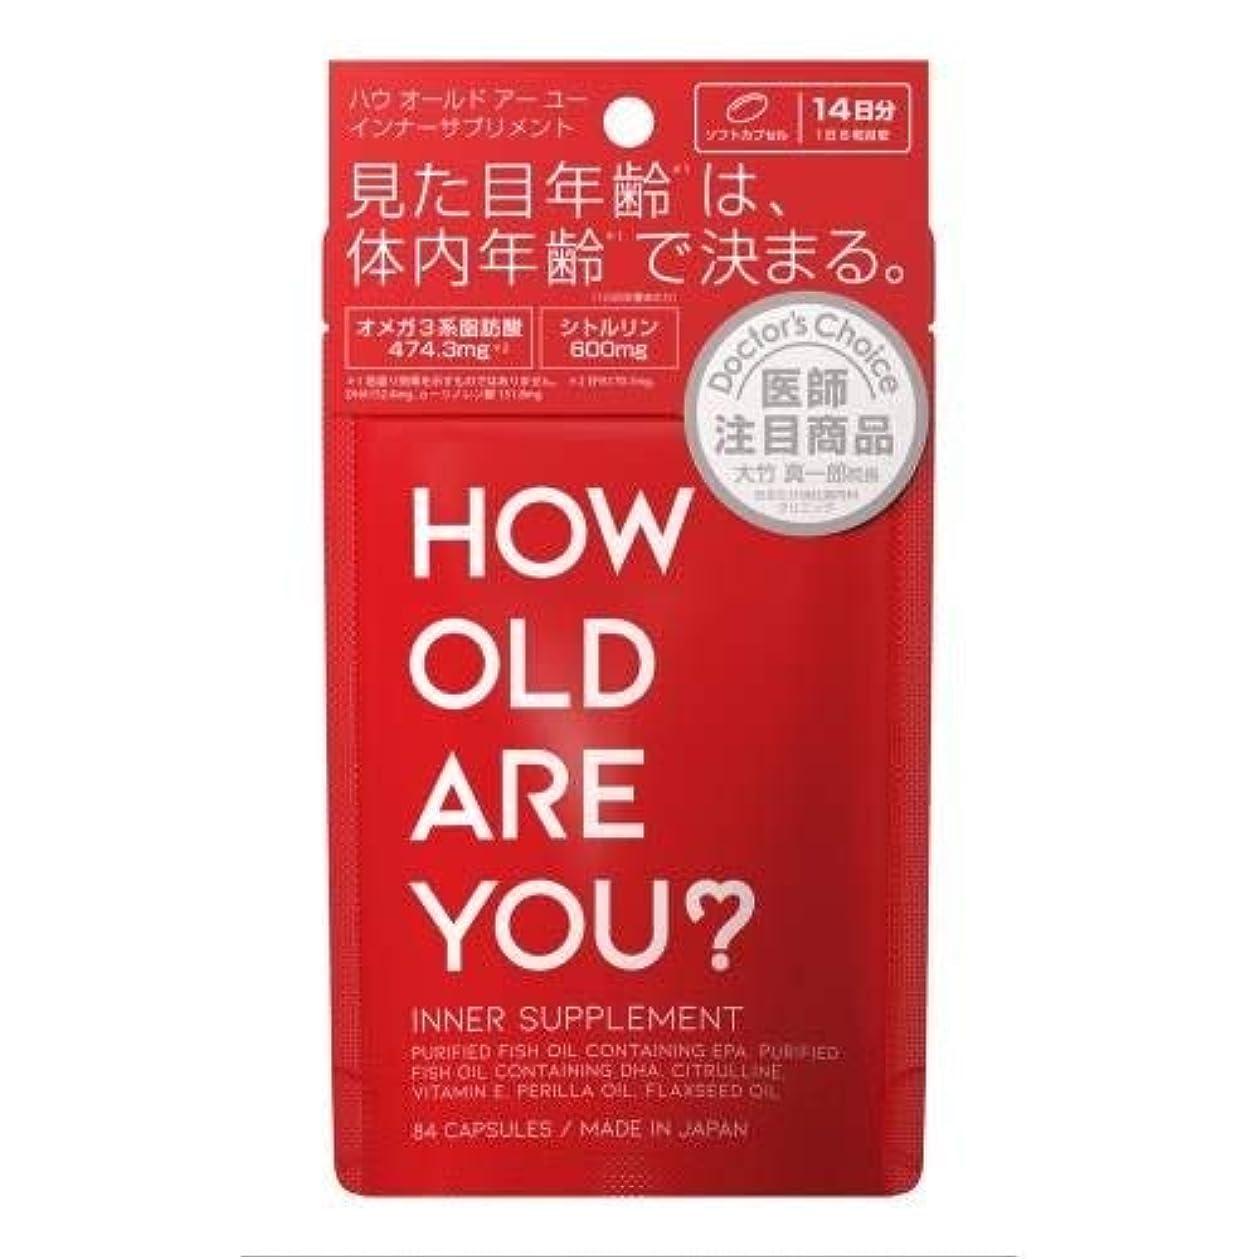 面白い裏切りカスタム【2個セット】HOW OLD ARE YOU?インナーサプリメント 84粒